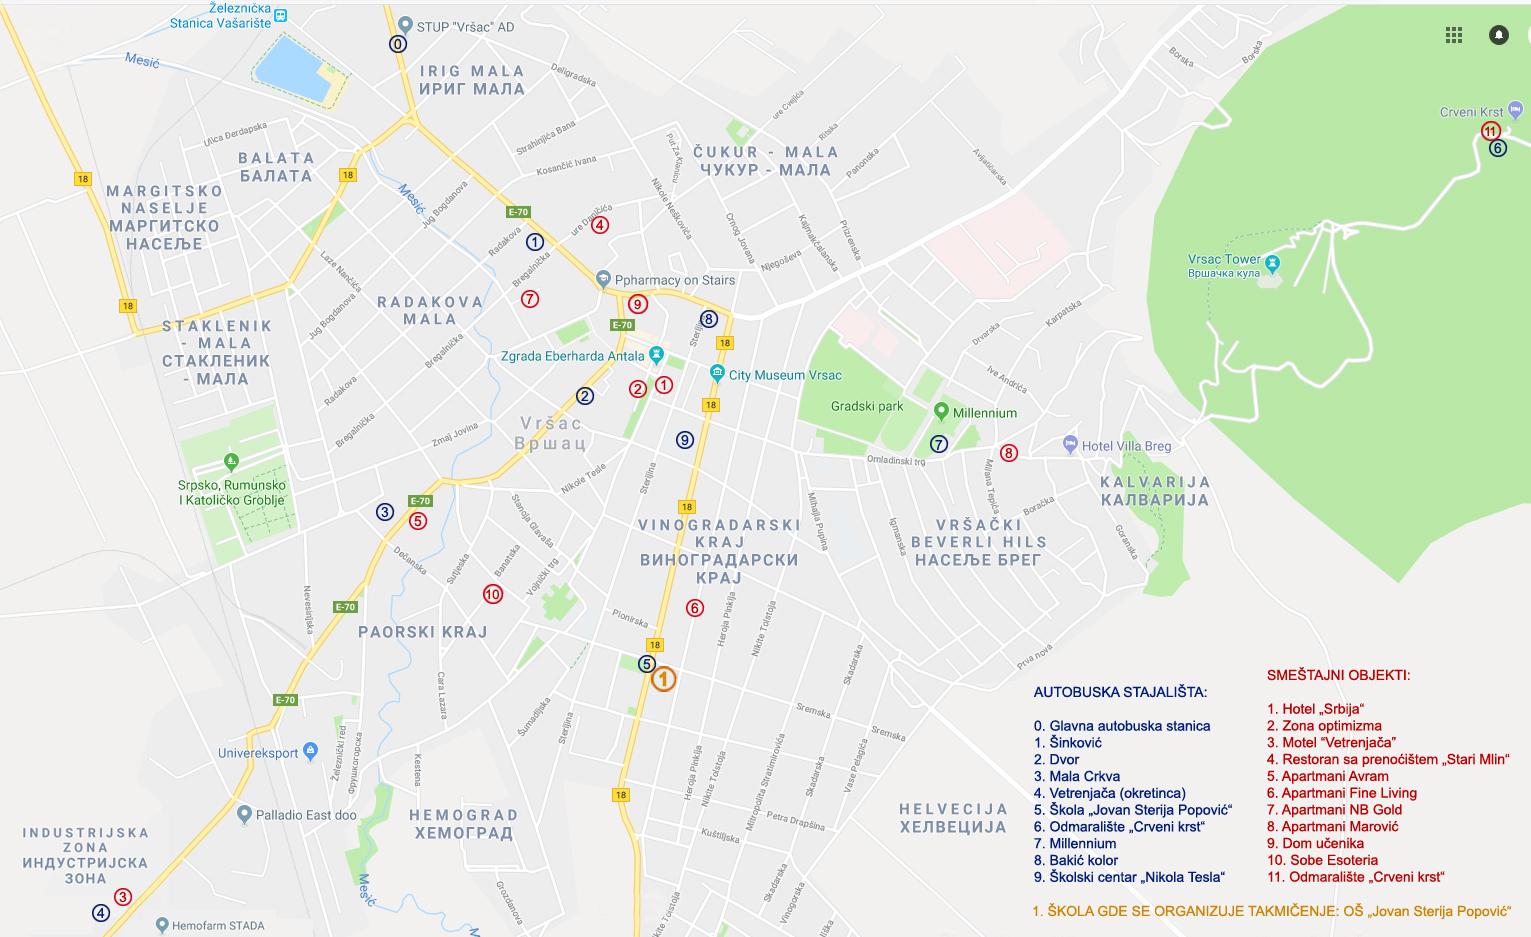 Mapa-VS